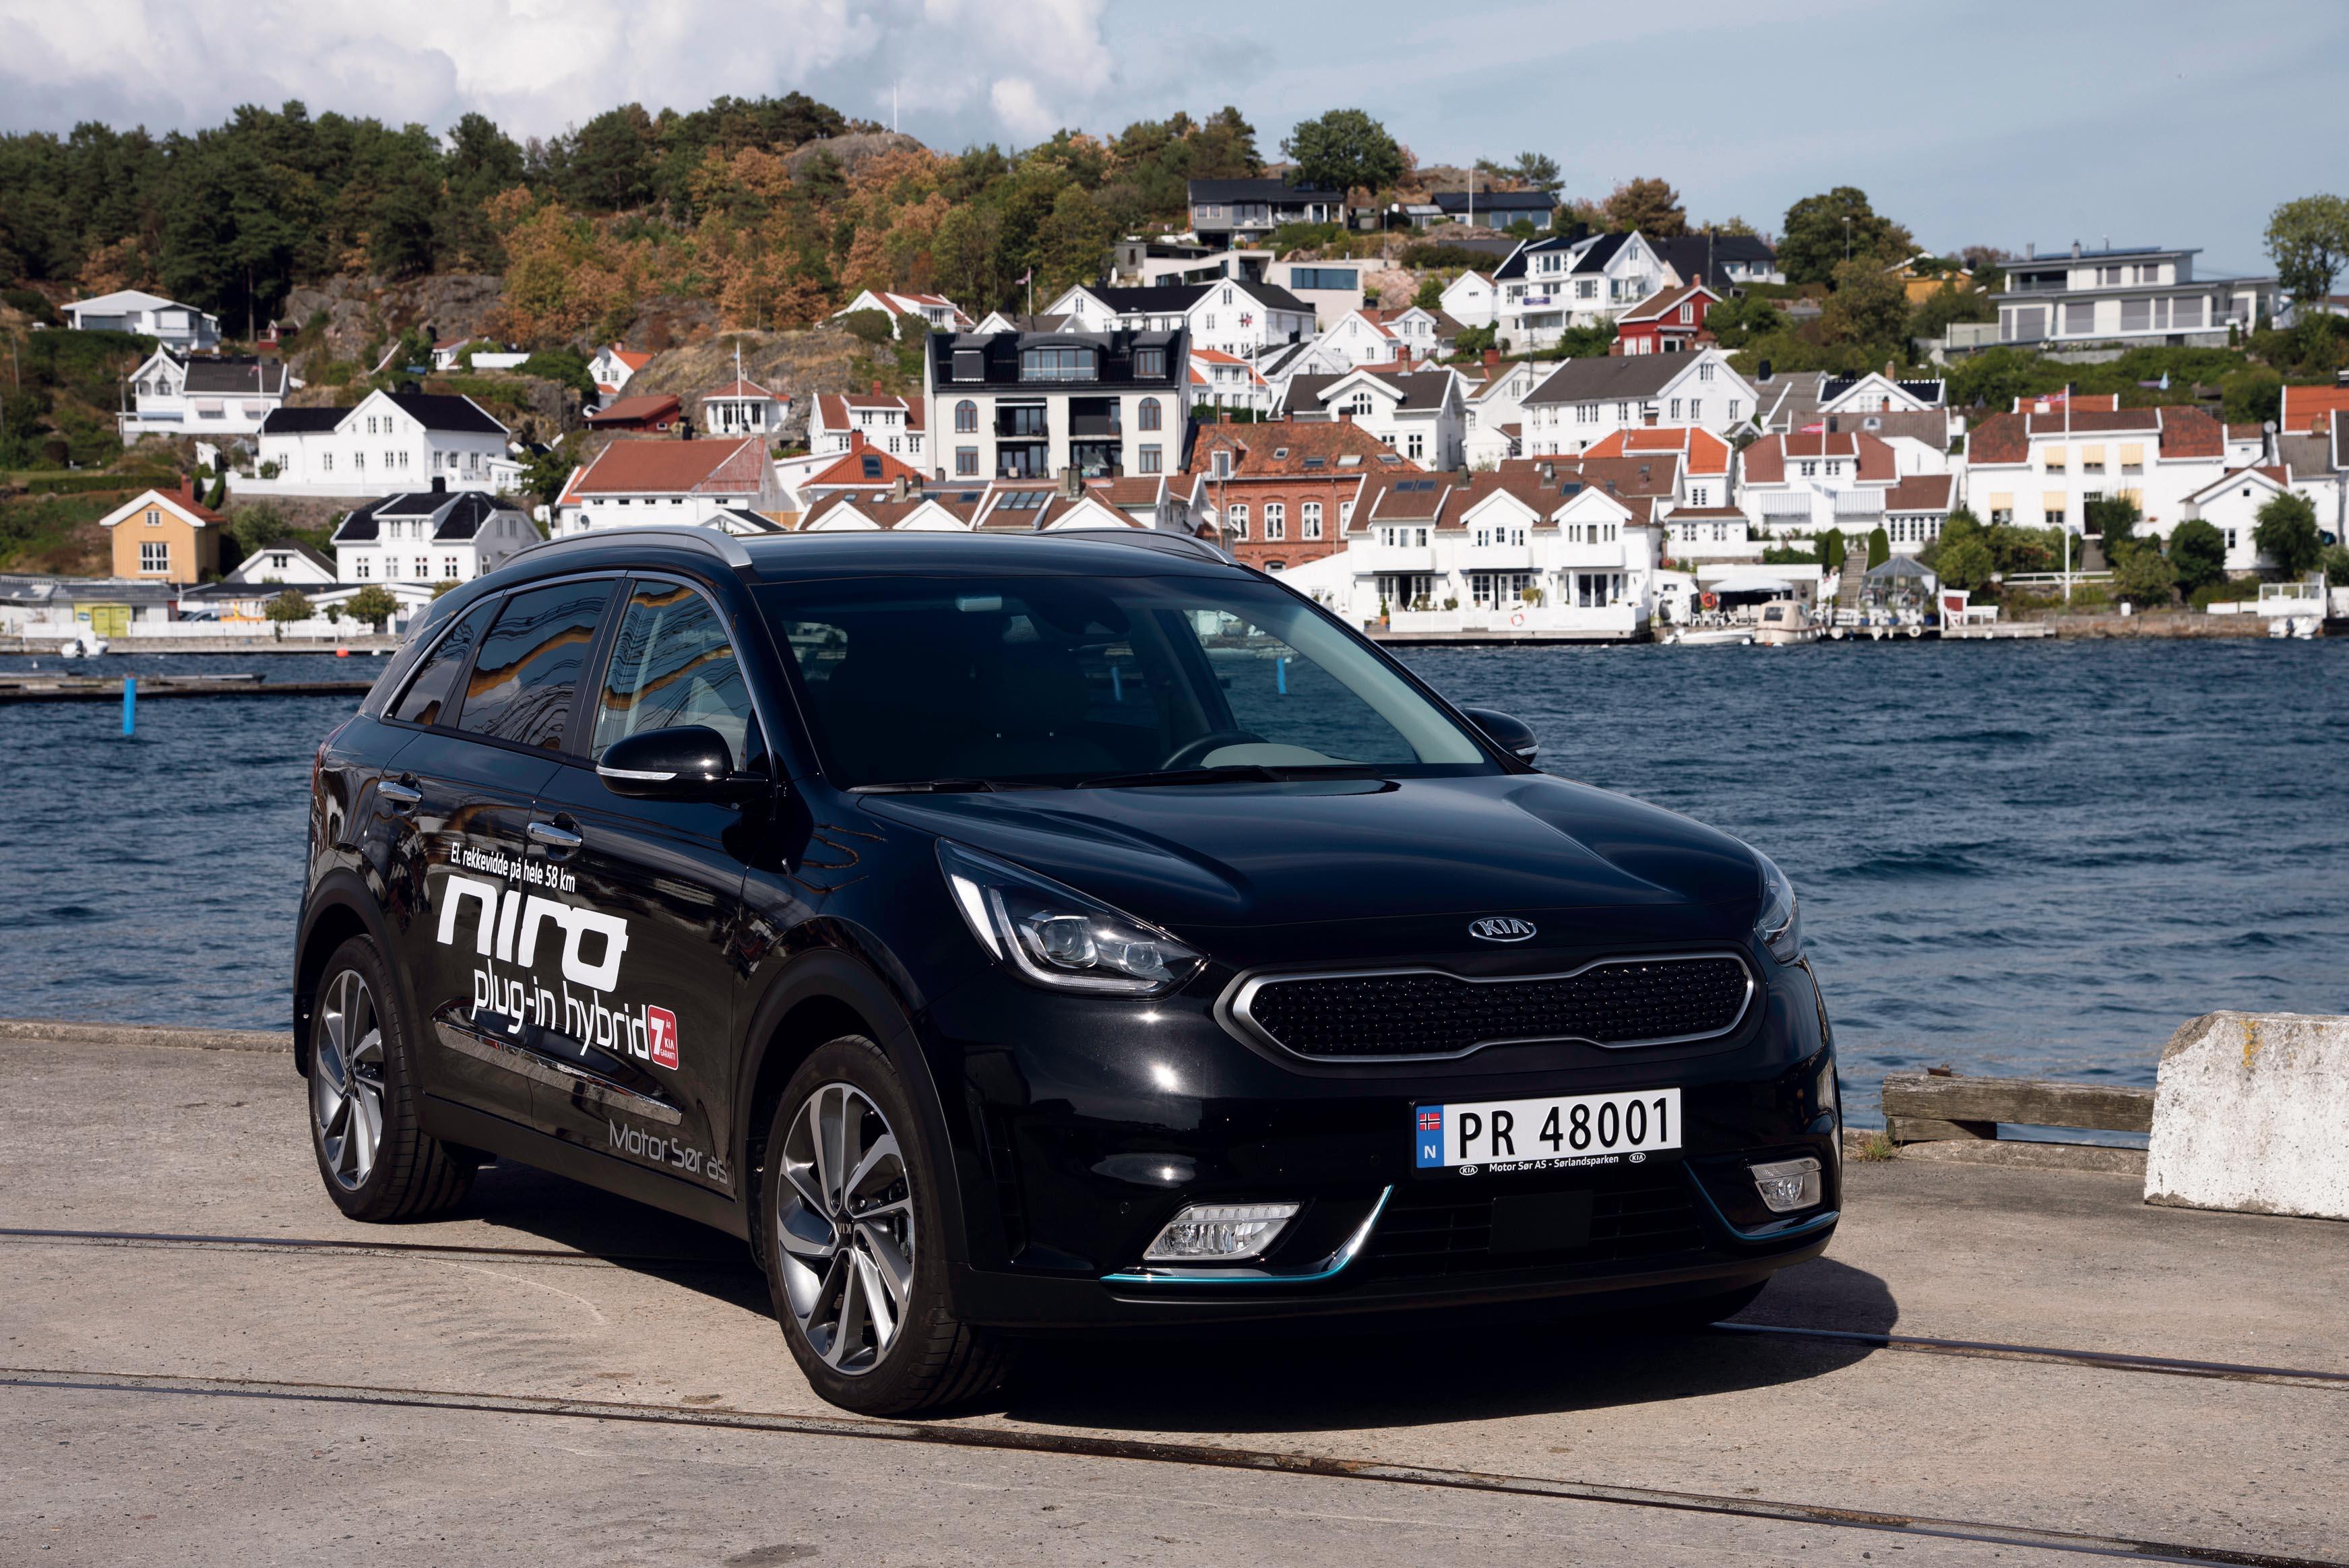 CROSS-OVER: Kia Niro Hører Til Blant Kompakt-SUV'ene Og Fremstår Som En Praktisk Bil Som Ikke Skriker Etter Oppmerksomhet På Grunn Av Sitt Utseende.